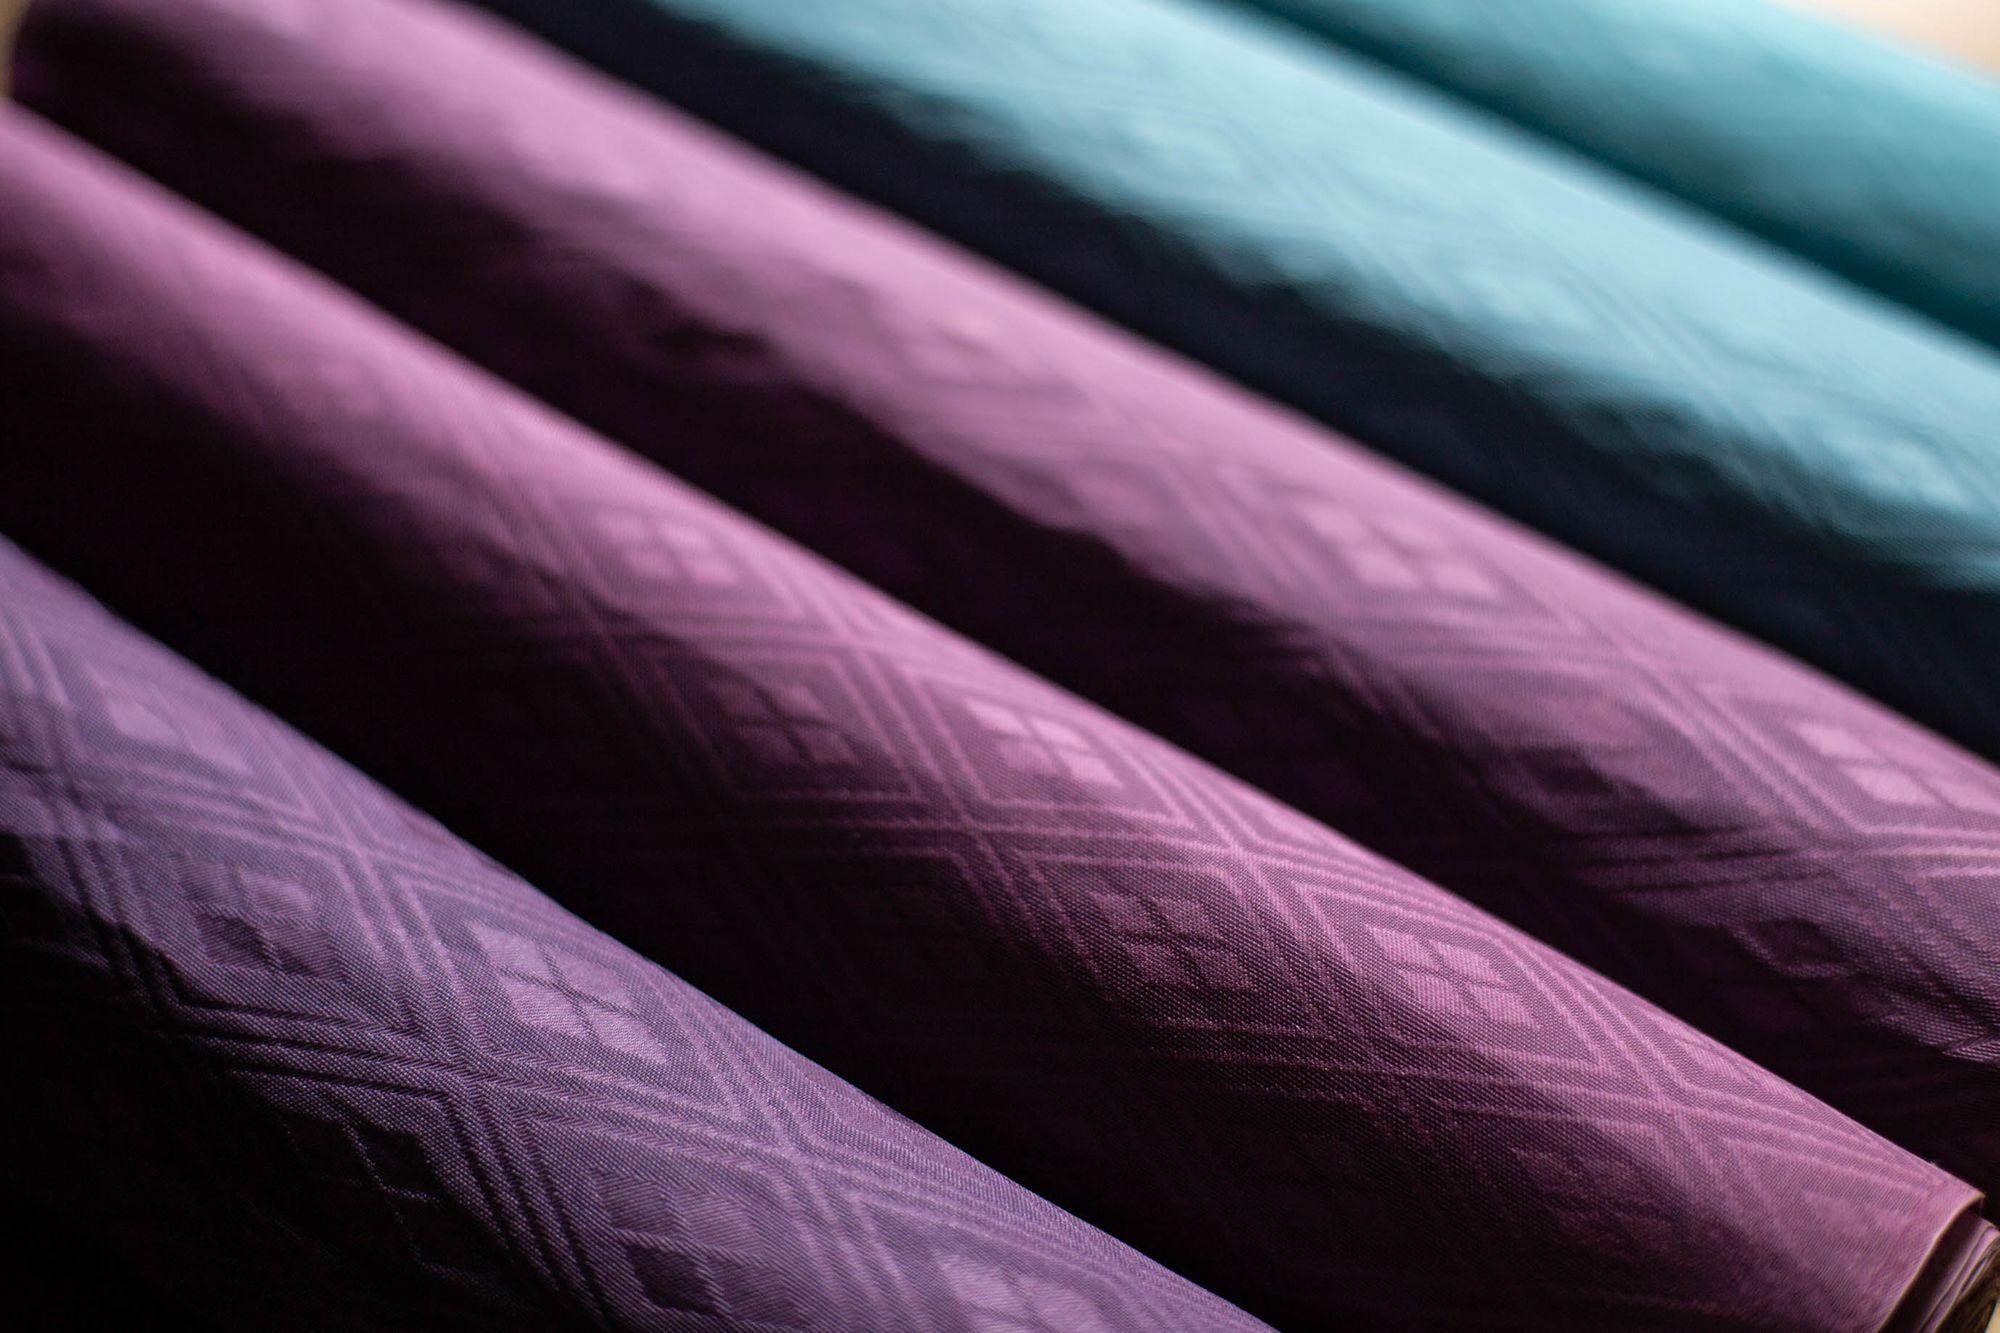 二藍(ふたあい)の色見本の絹布。二藍とは藍と紅の濃淡で染める色相。平安時代の貴族は、夏は若い人ほど紅花が強い赤紫、年輩になると藍が主体の青系と、様々な色相の二藍の直衣(日常着)を着ていた。